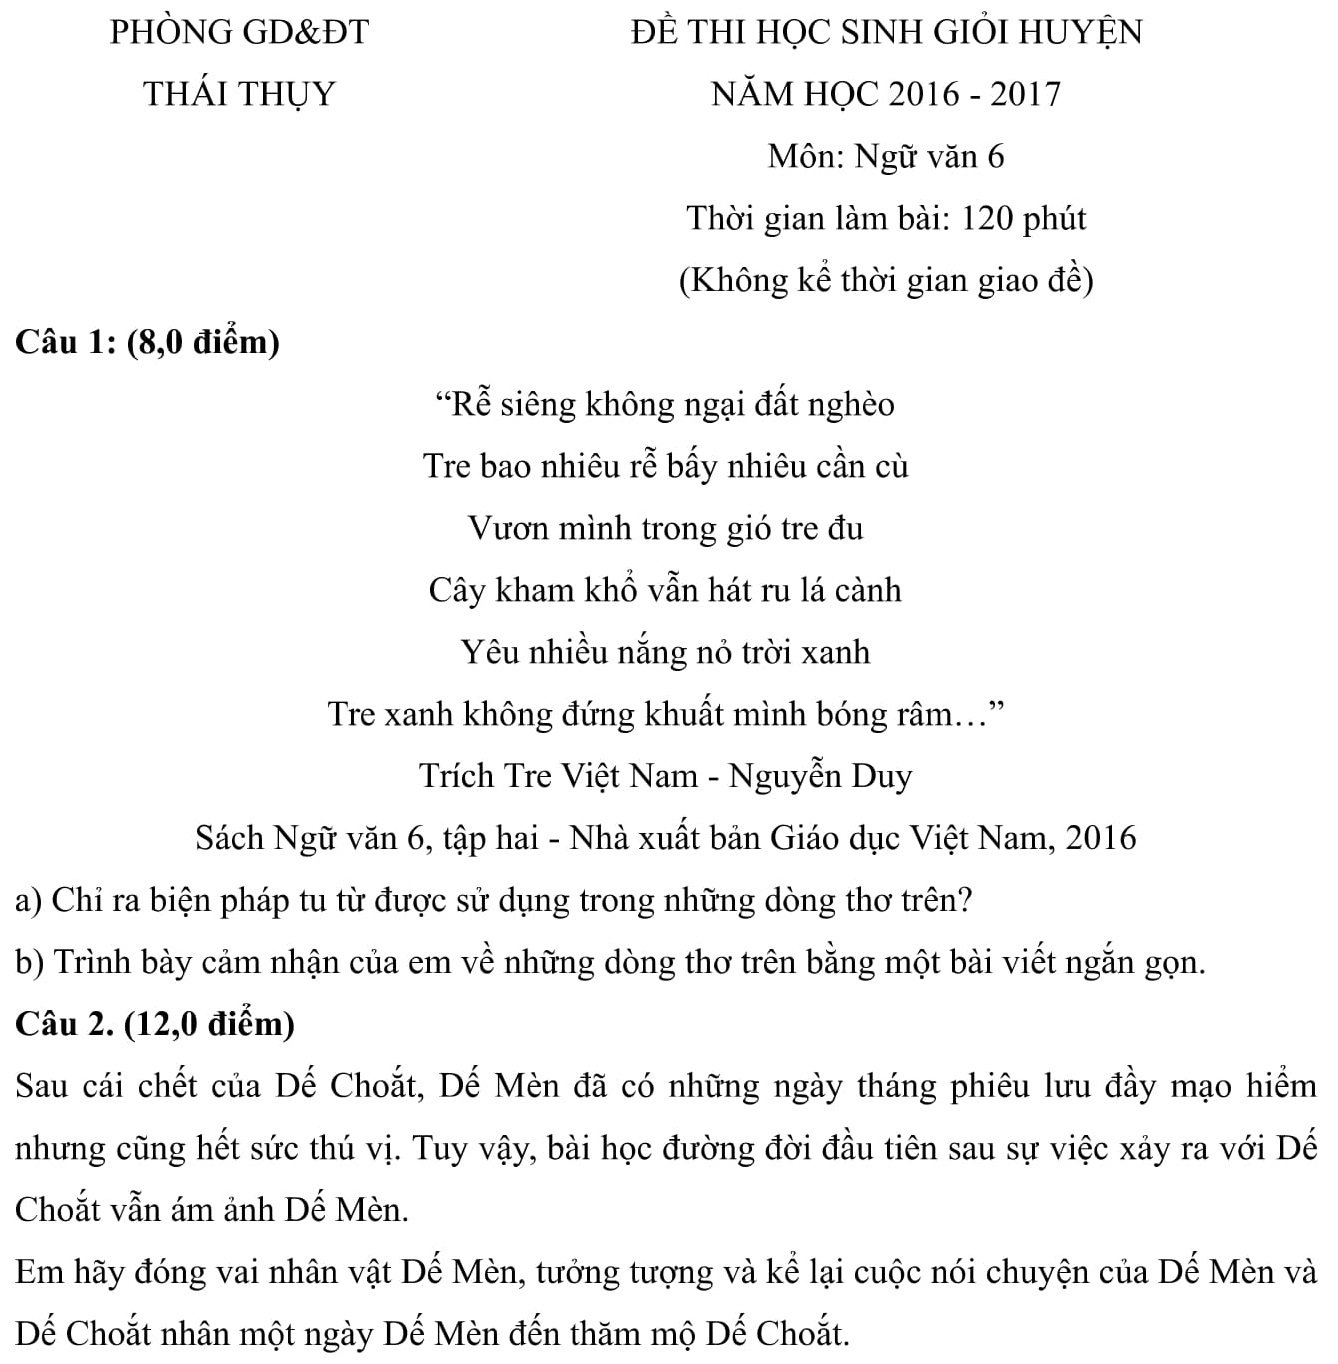 Đáp án và đề thi HSG Ngữ Văn phòng GD&ĐT Thái Thụy 2016-2017